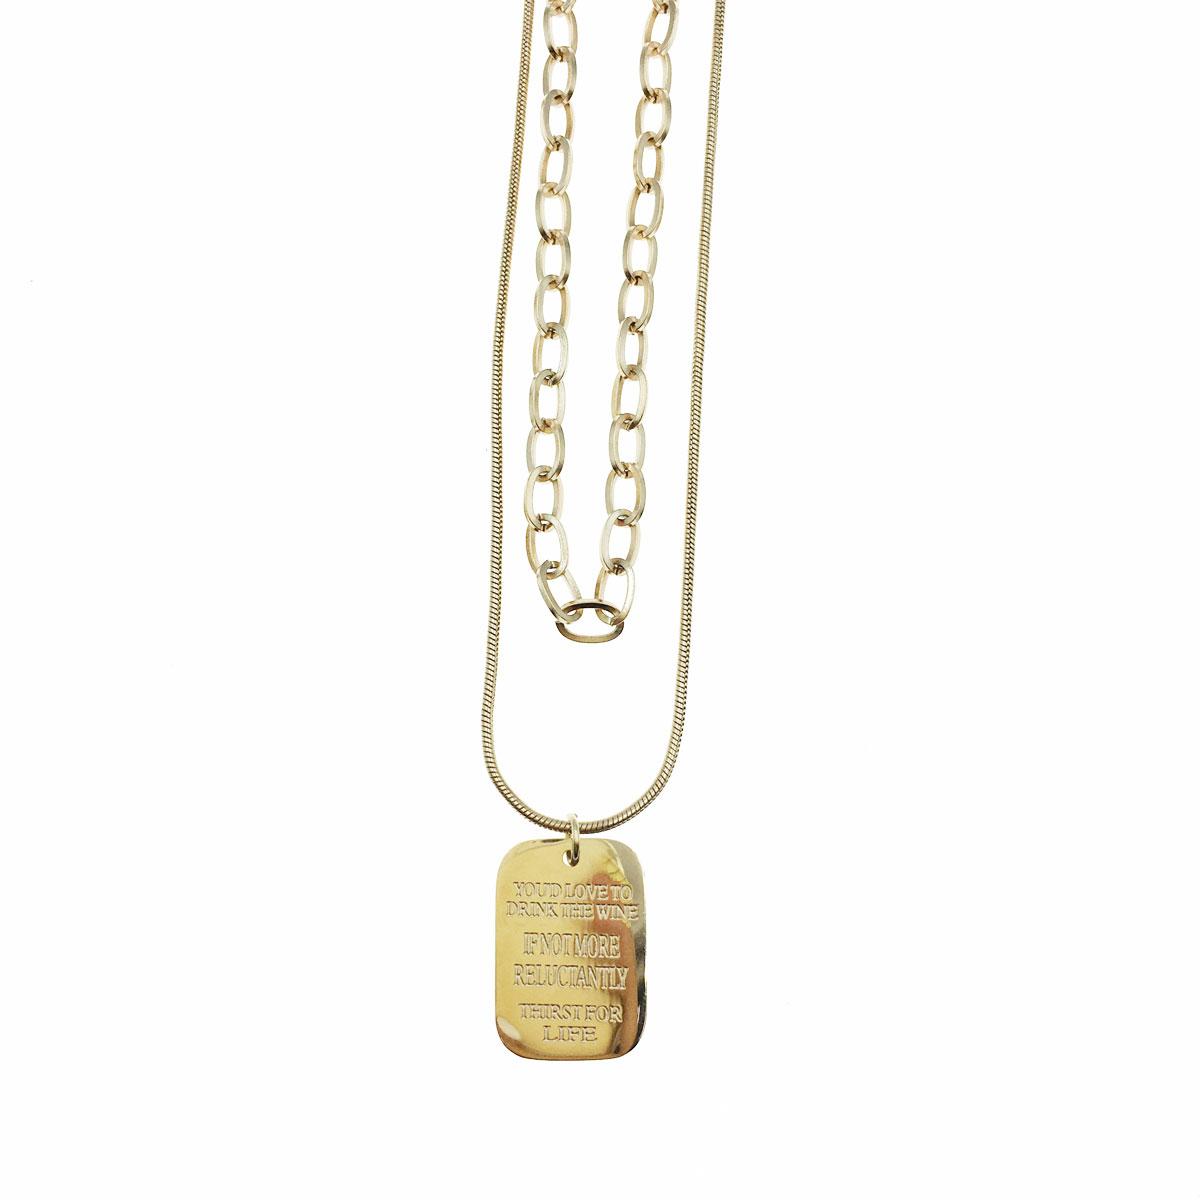 韓國 不銹鋼 英文 長方形 簡約 鎖骨鍊 短鍊 項鍊 飾品